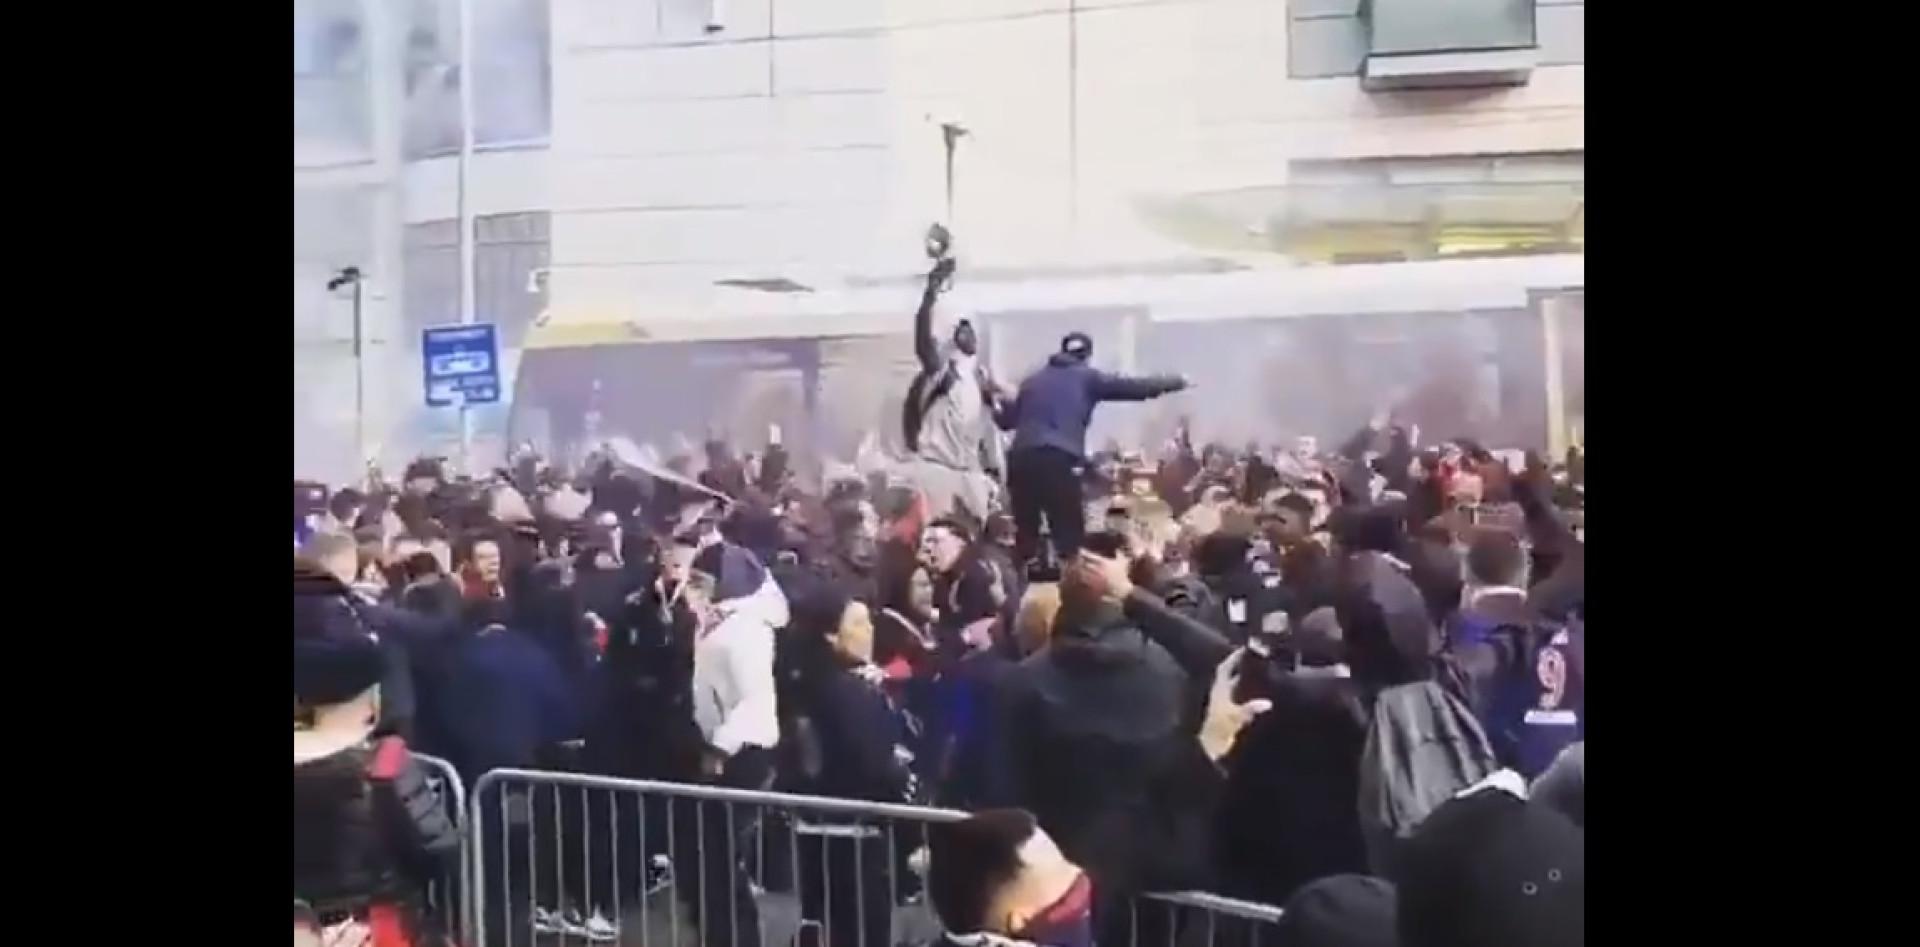 Festa monumental dos adeptos do Paris Saint-Germain em Manchester